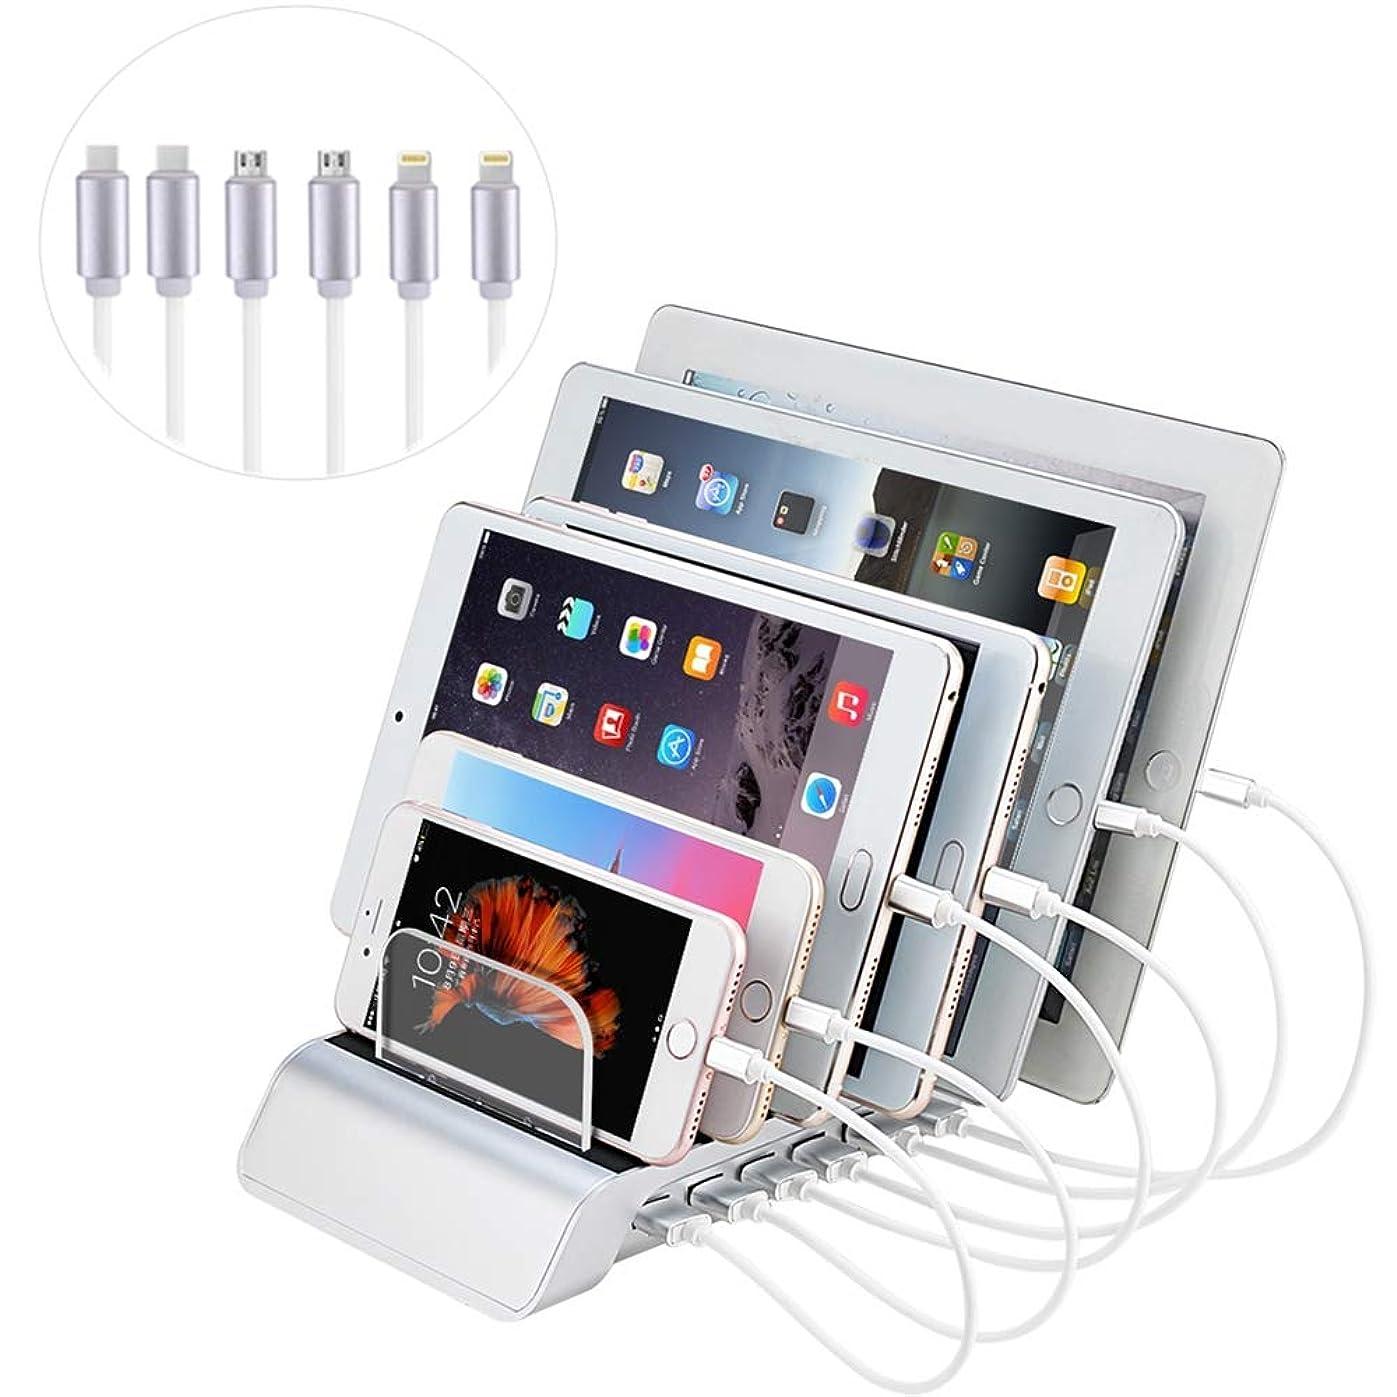 実業家バイオレットフレームワークEvfun USB充電ステーション 6ポート 充電スタンド 6台 収納充電 複数台 2.4A iPad Android iPhone スマホ/タブレット対応 (6本ケーブル付き)